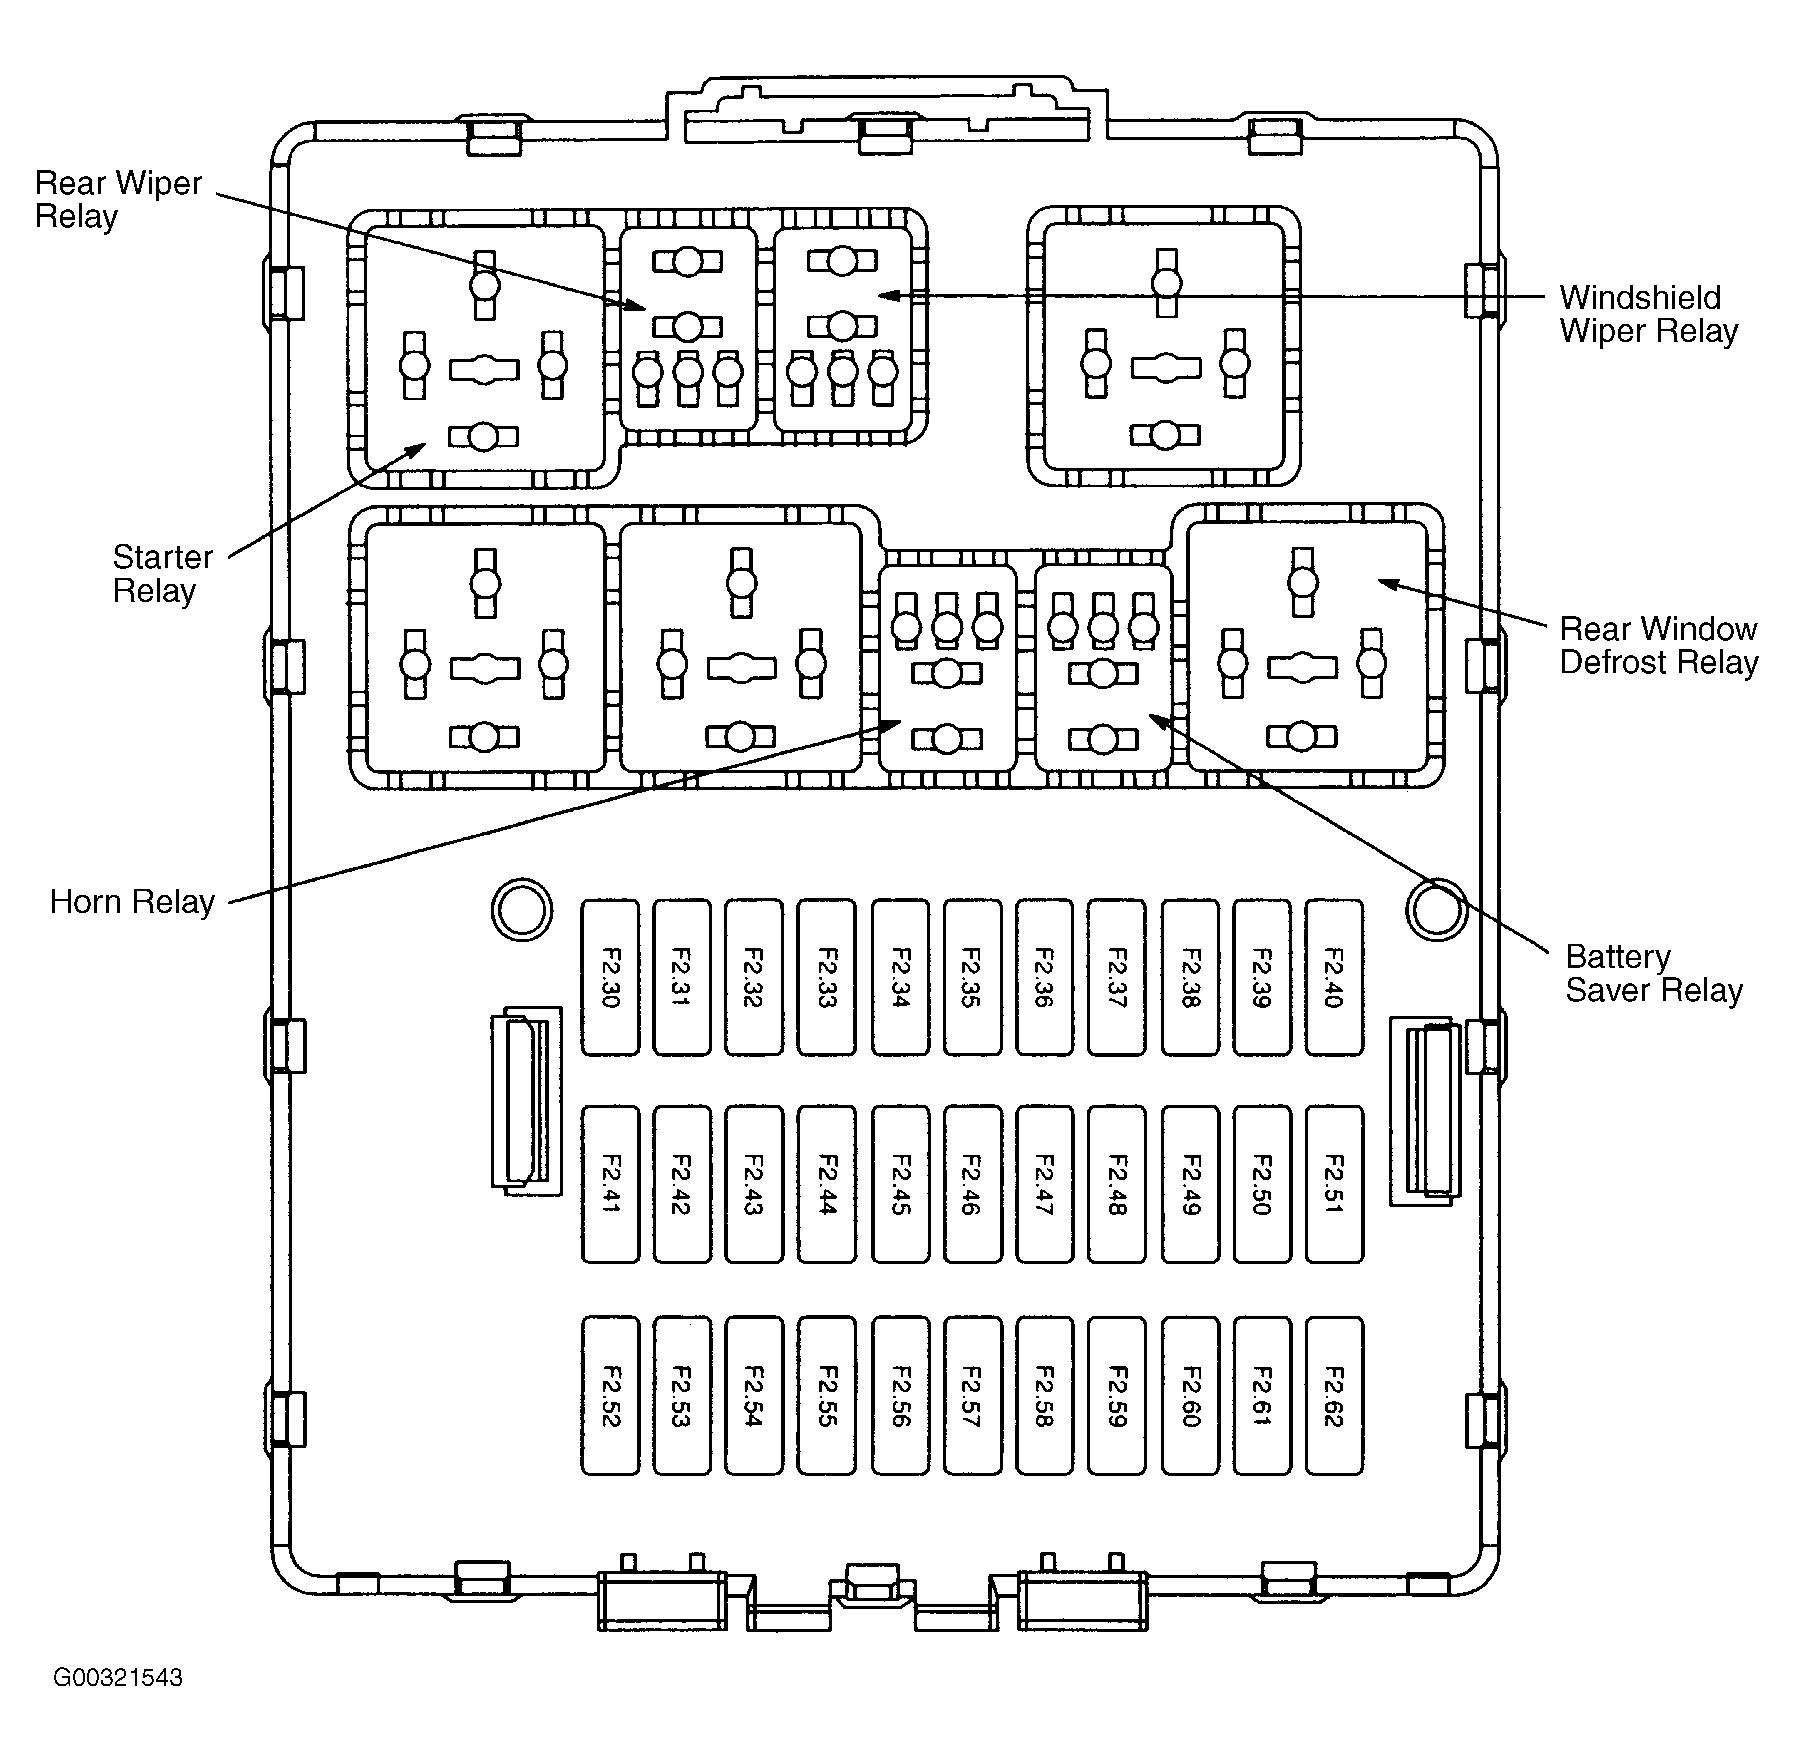 Gm Starter solenoid Wiring Diagram Lovely 2002 ford Focus 2 0 Won T Start 128 000